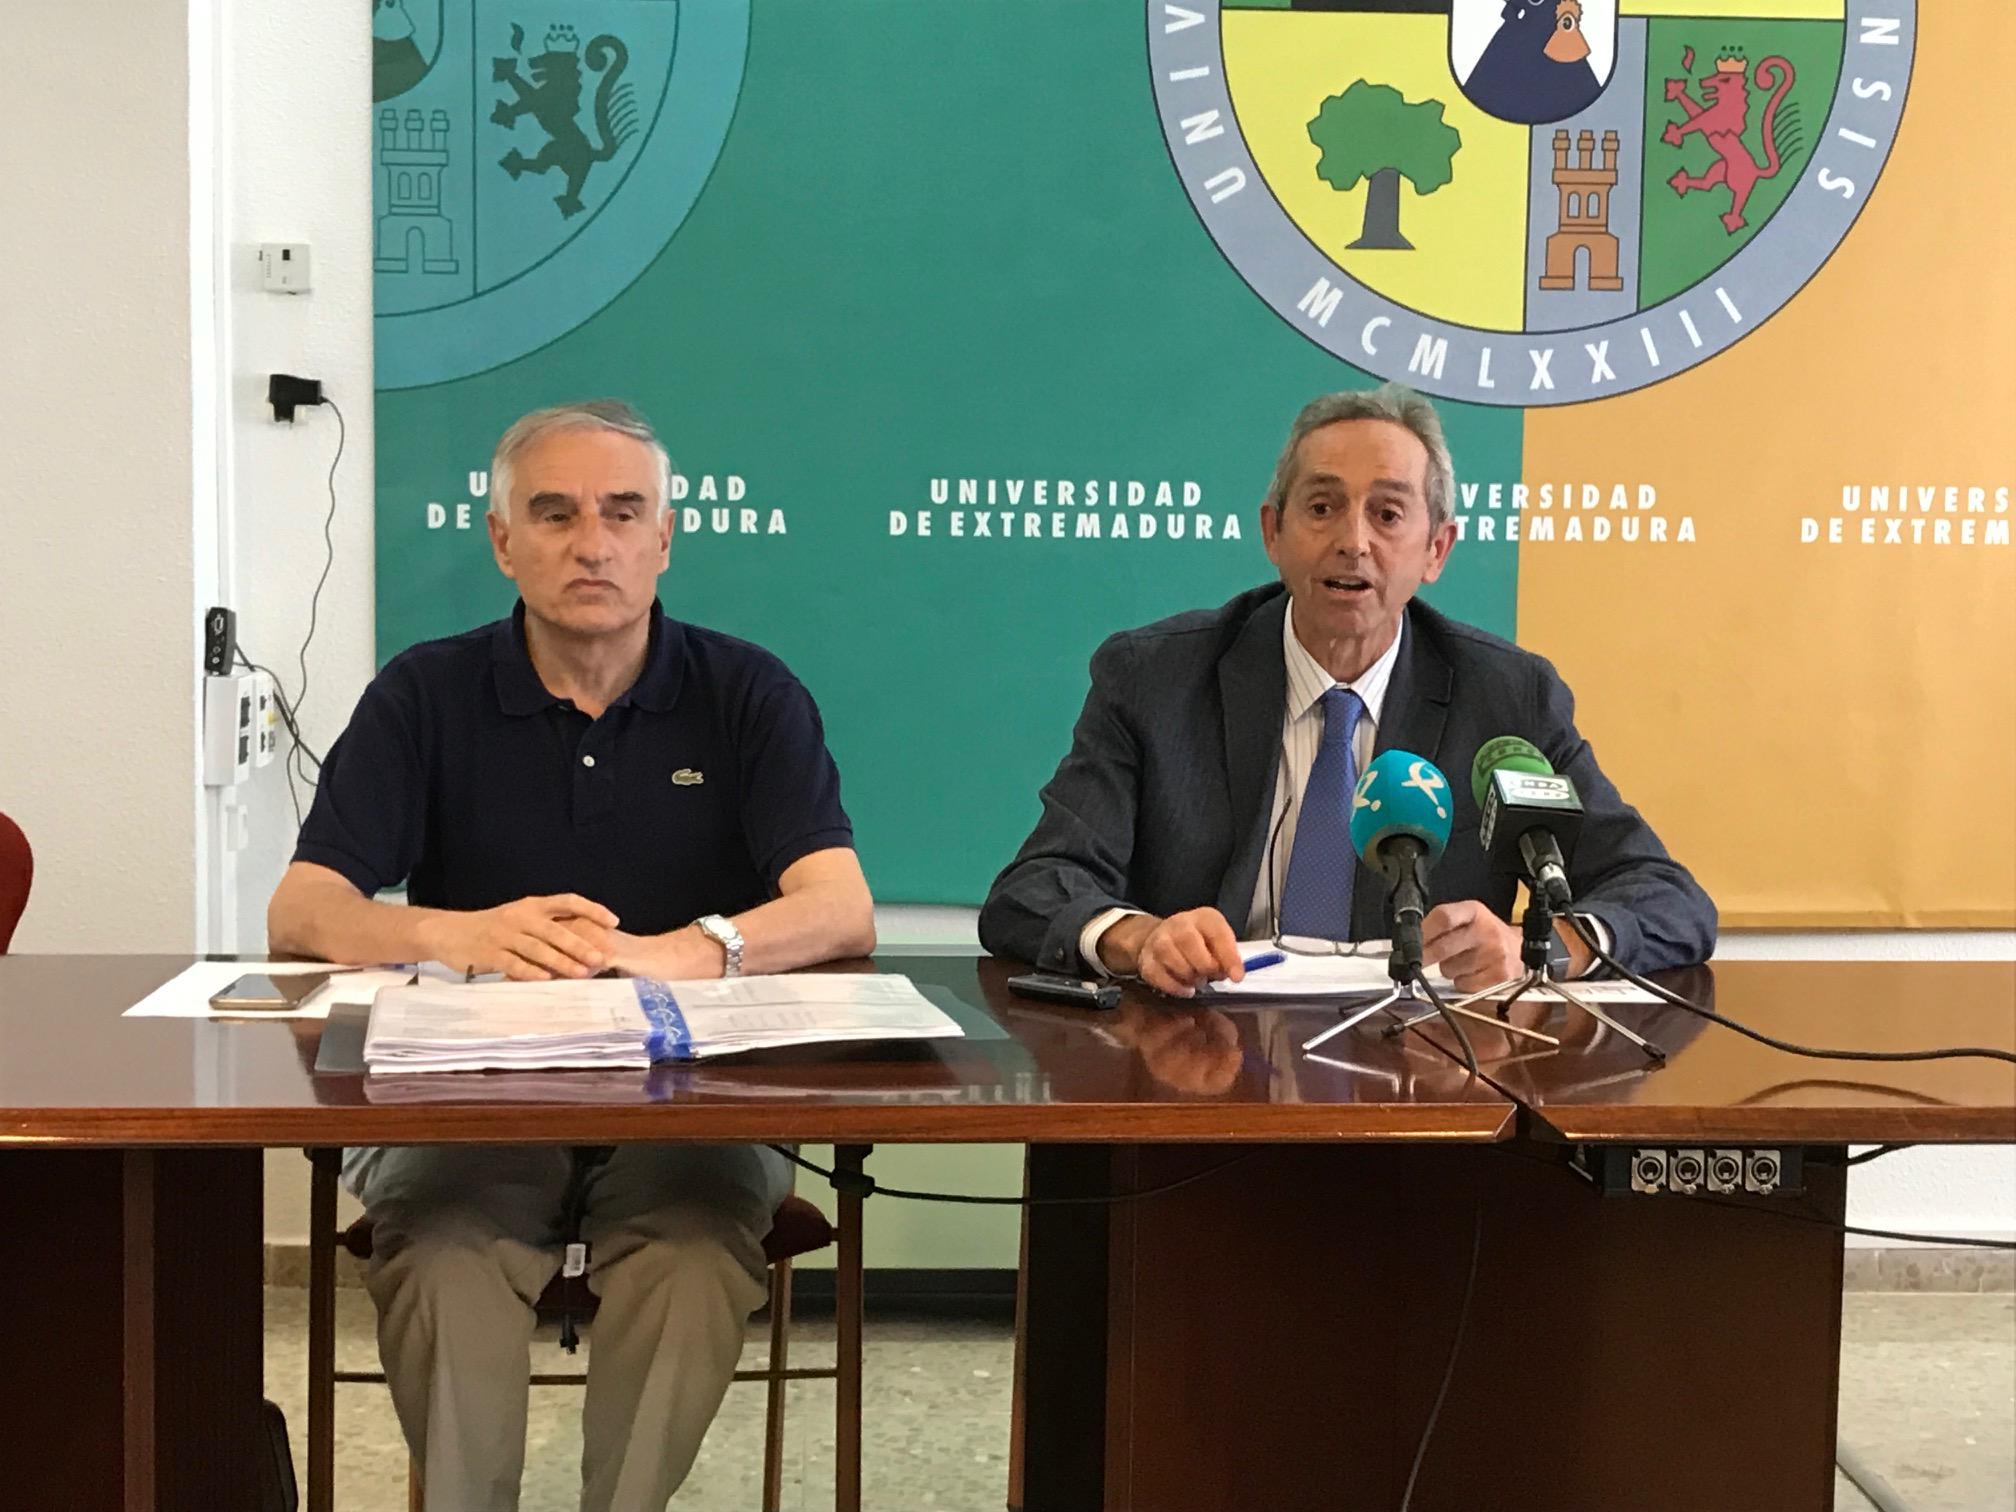 El próximo martes 12 de junio se repetirán los exámenes de varias materias de selectividad (EBAU)